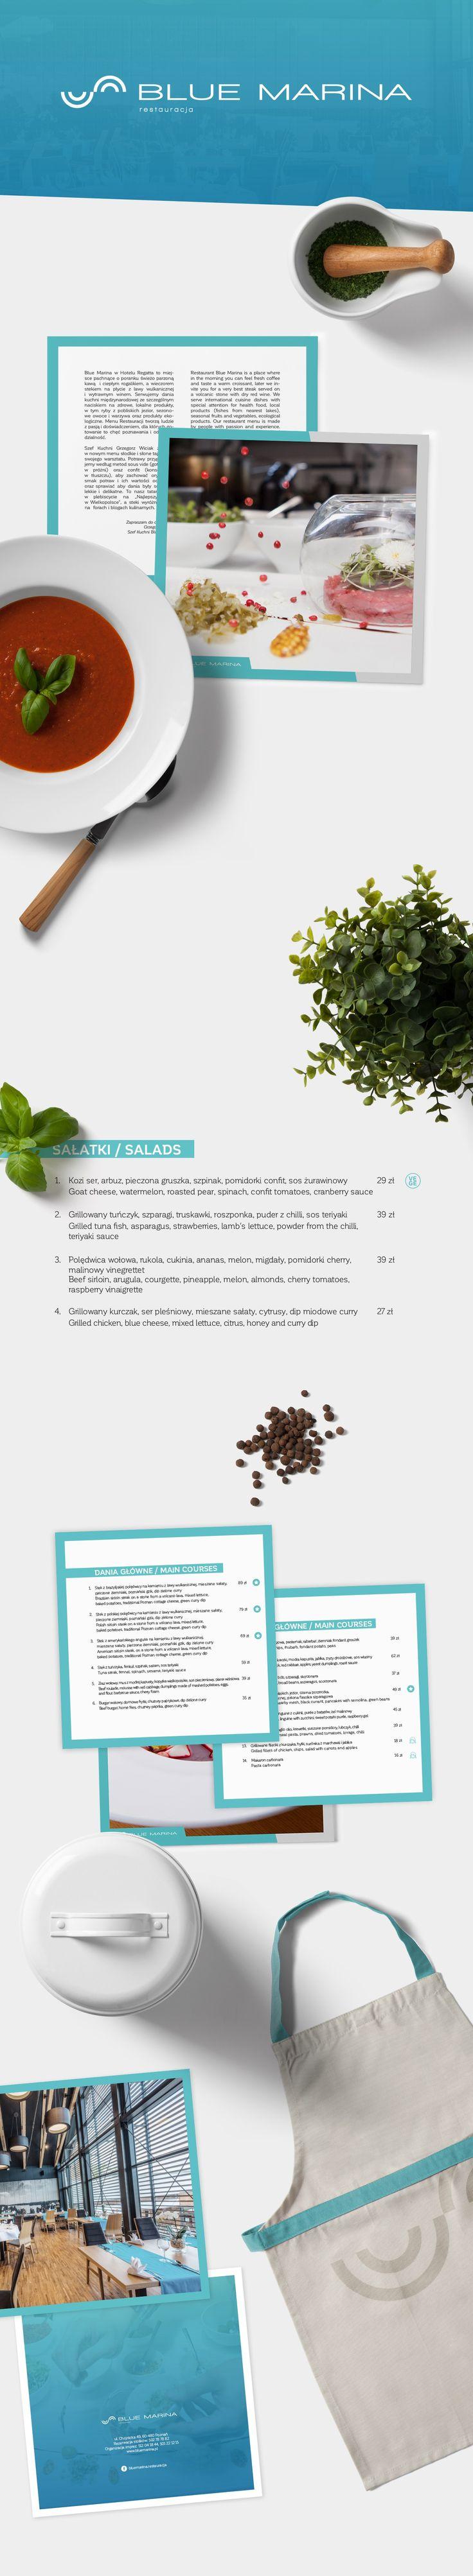 Projekt menu dla restauracji Bule Marina w Hotelu Regatta #branding #menu #menuconcept #menudesign